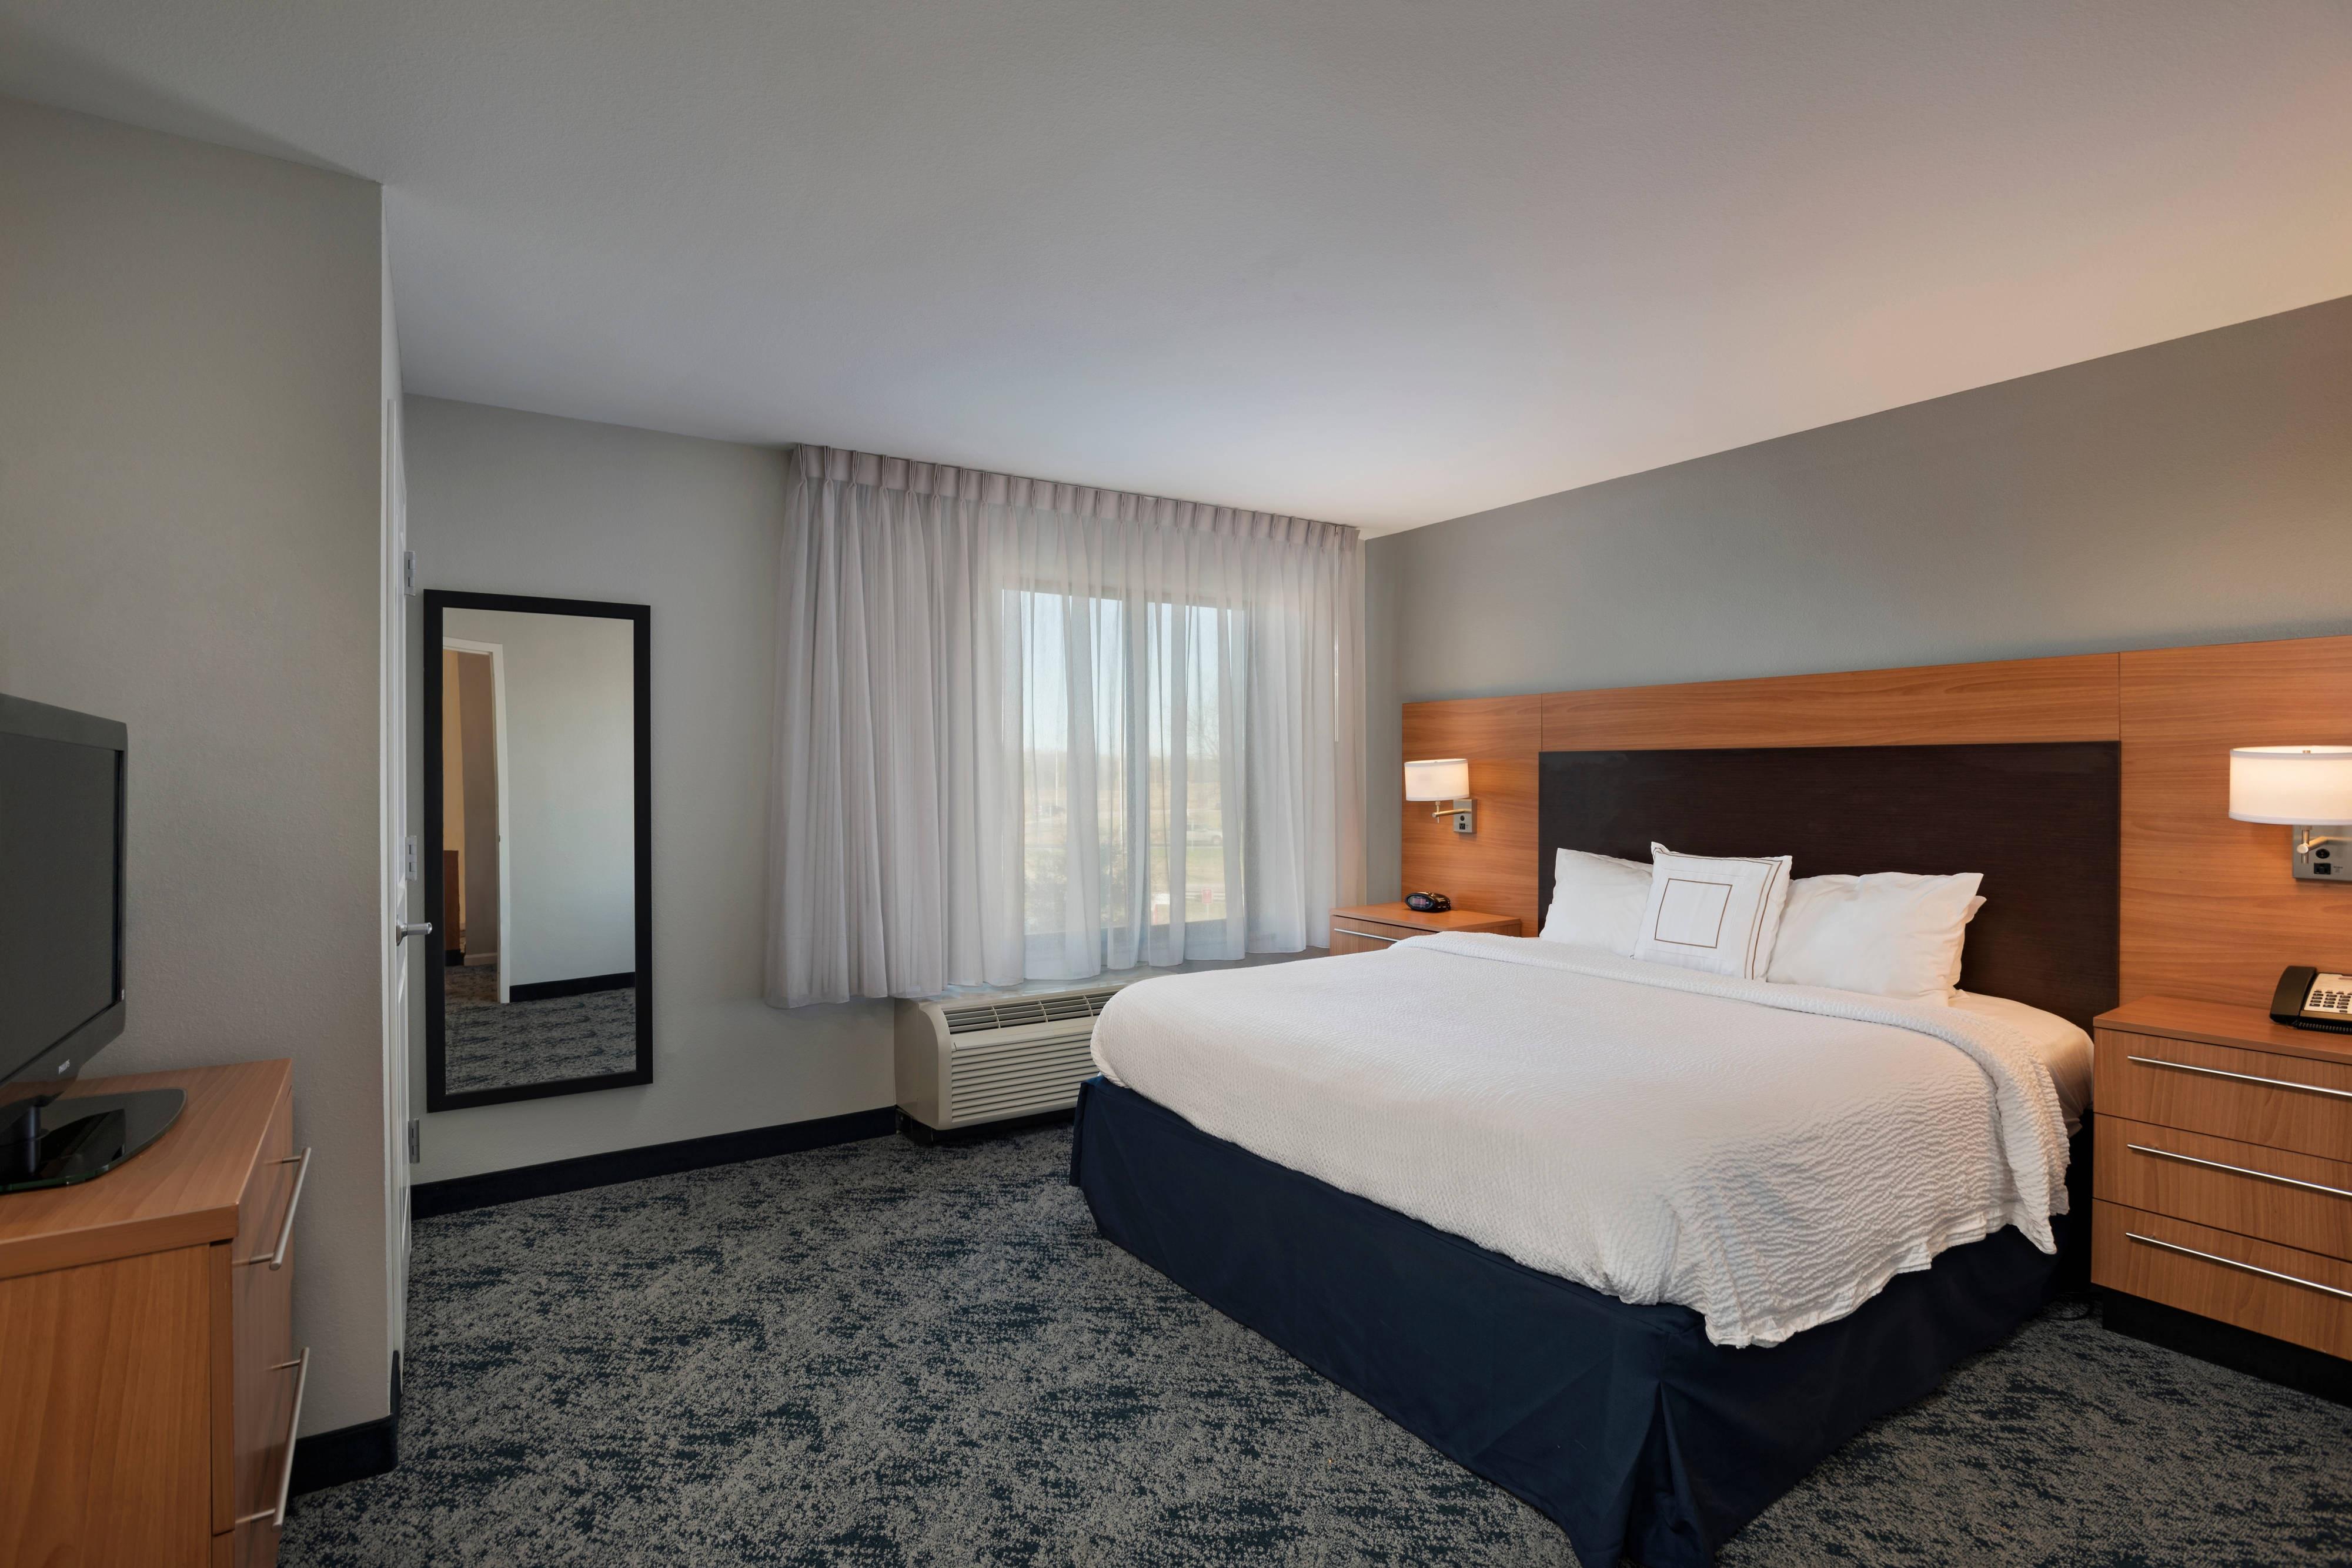 Suite de un dormitorio - Dormitorio